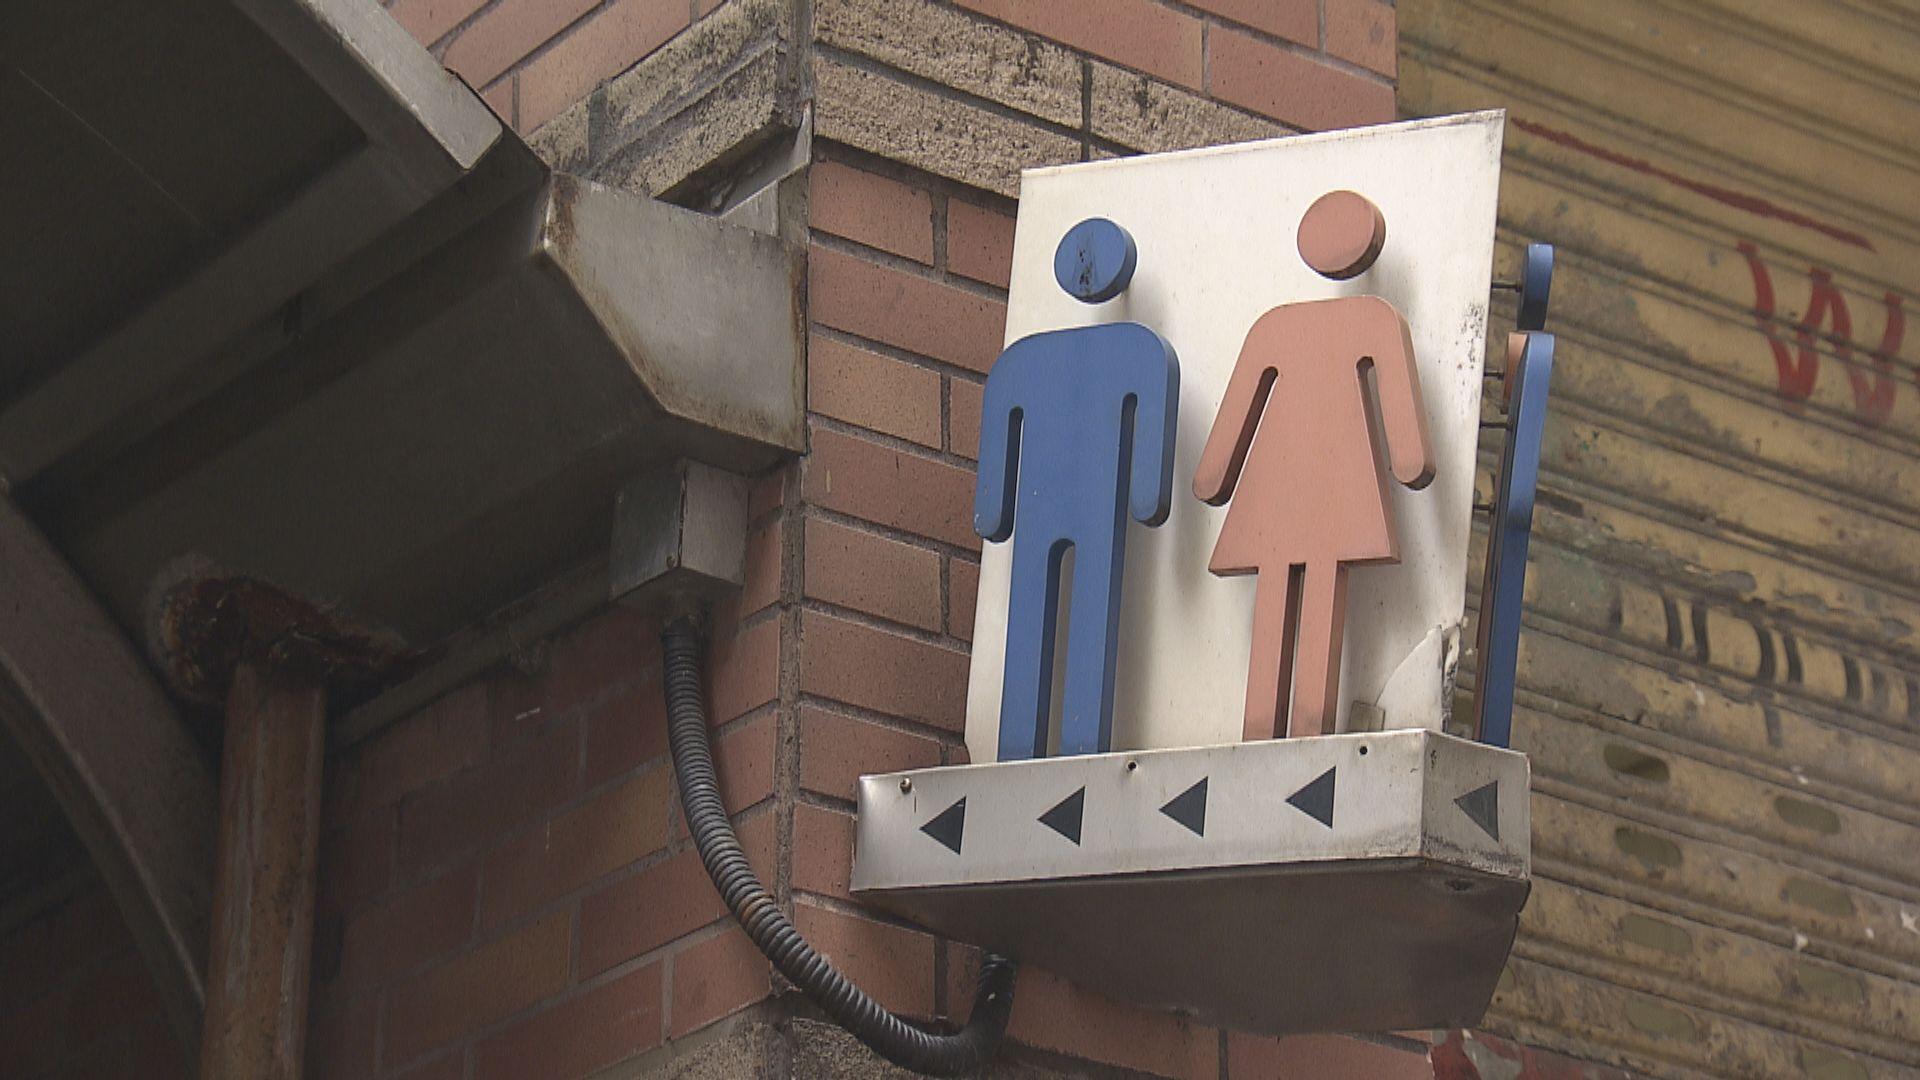 審計署:食環署應加強宣傳正確使用公廁